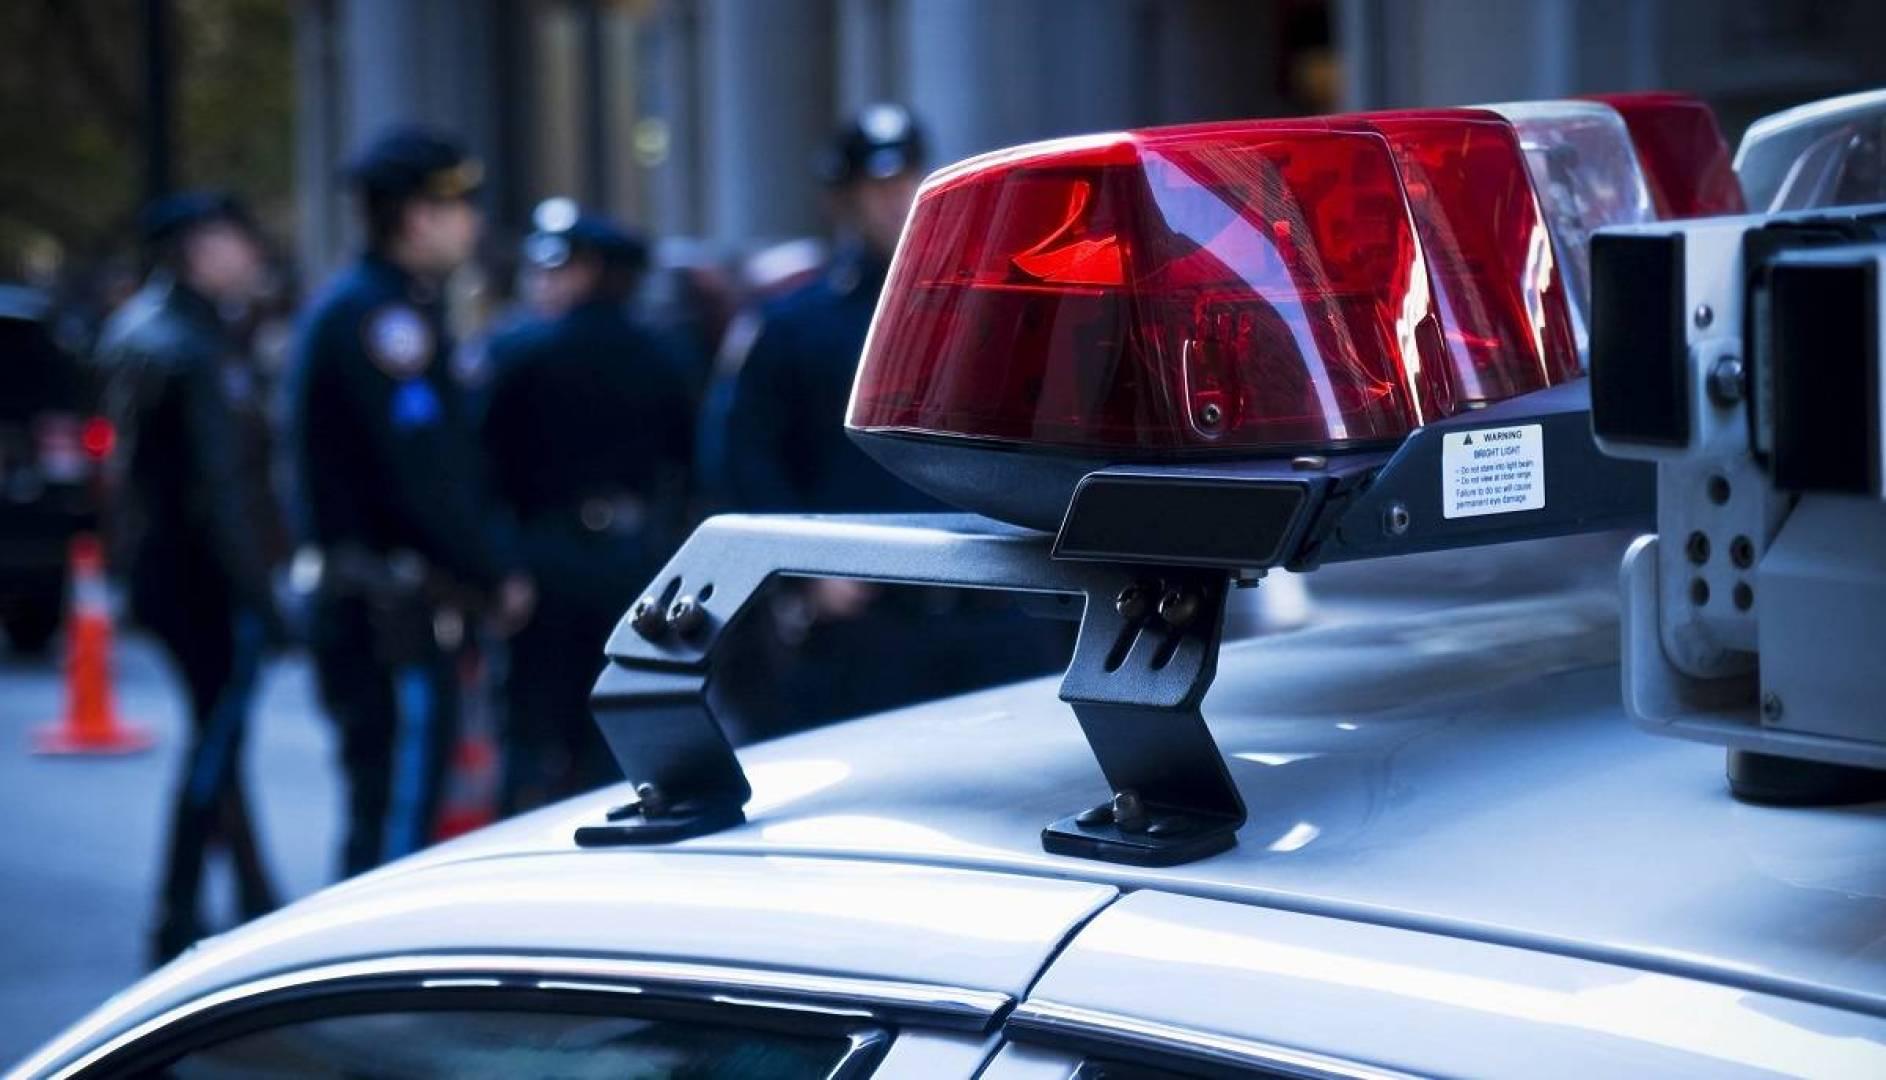 سقوط قتلى في تبادل إطلاق نار مع مسلحين بولاية فلوريدا الأميركية